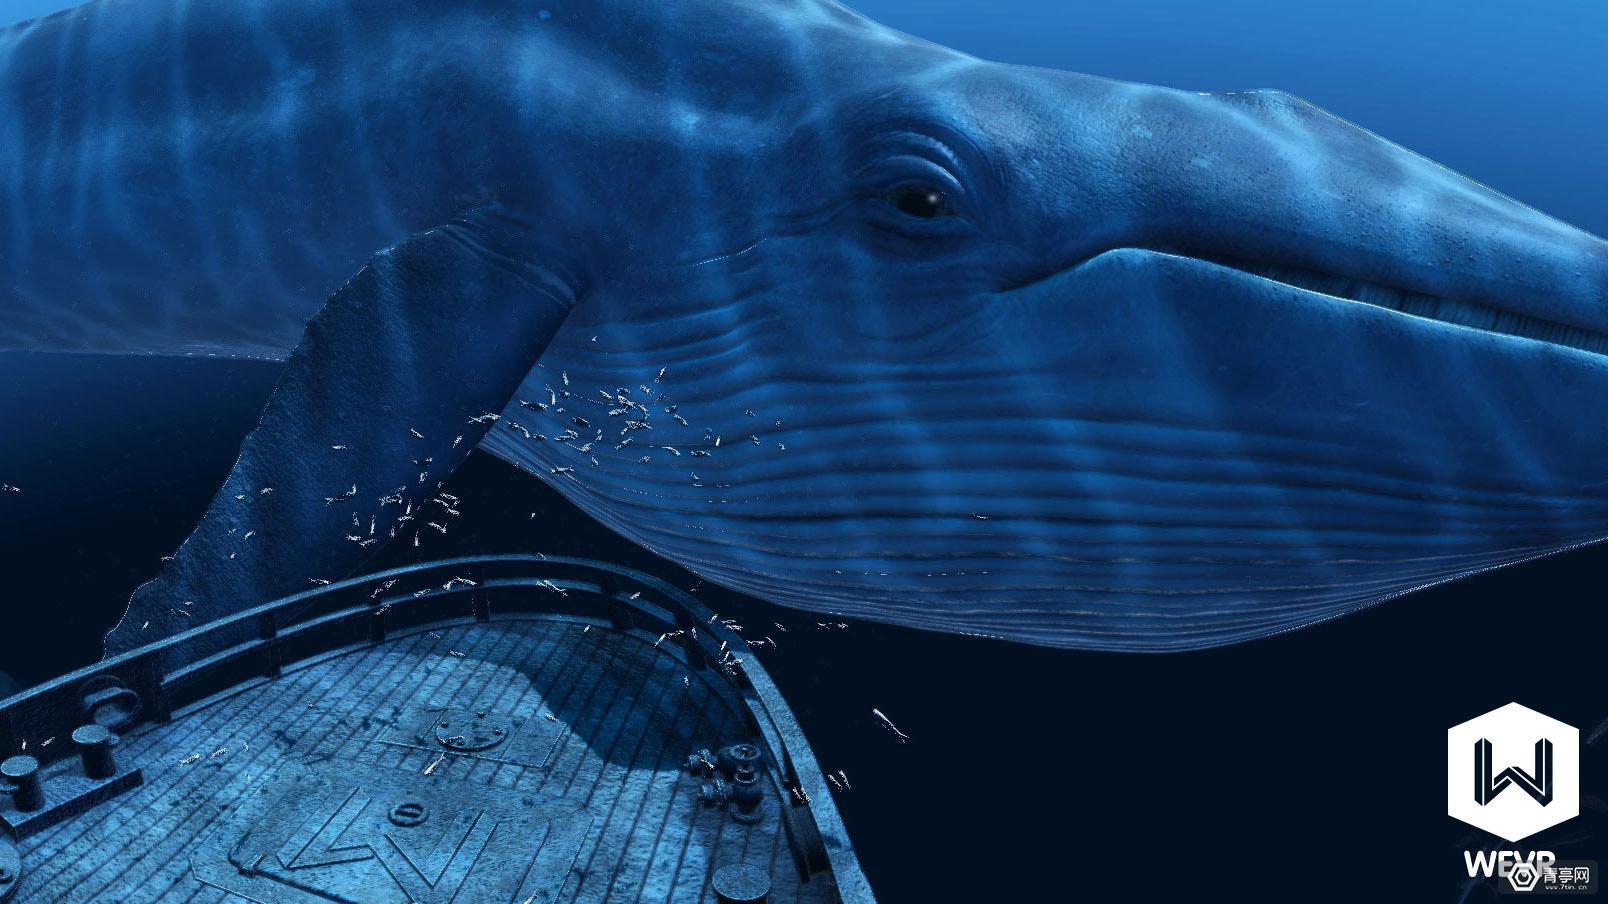 在博物馆用VR看深海鲸鱼是什么体验?